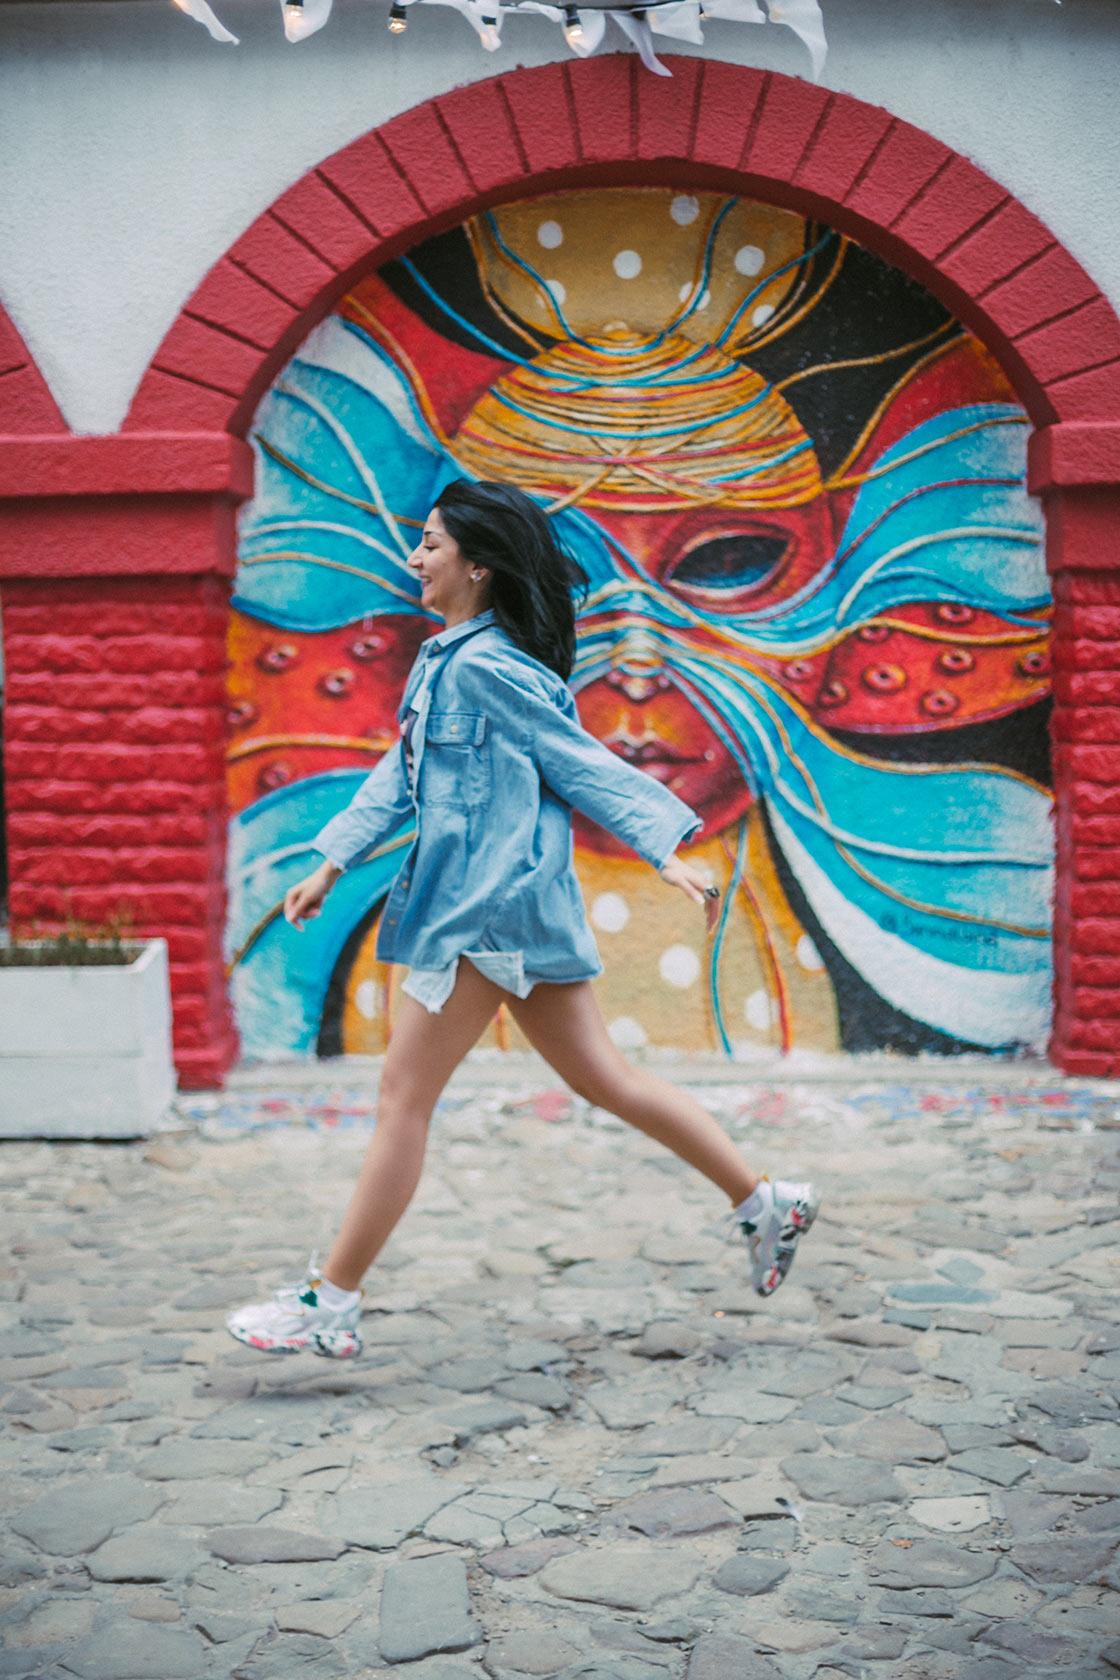 Девушка бежит на фоне граффити